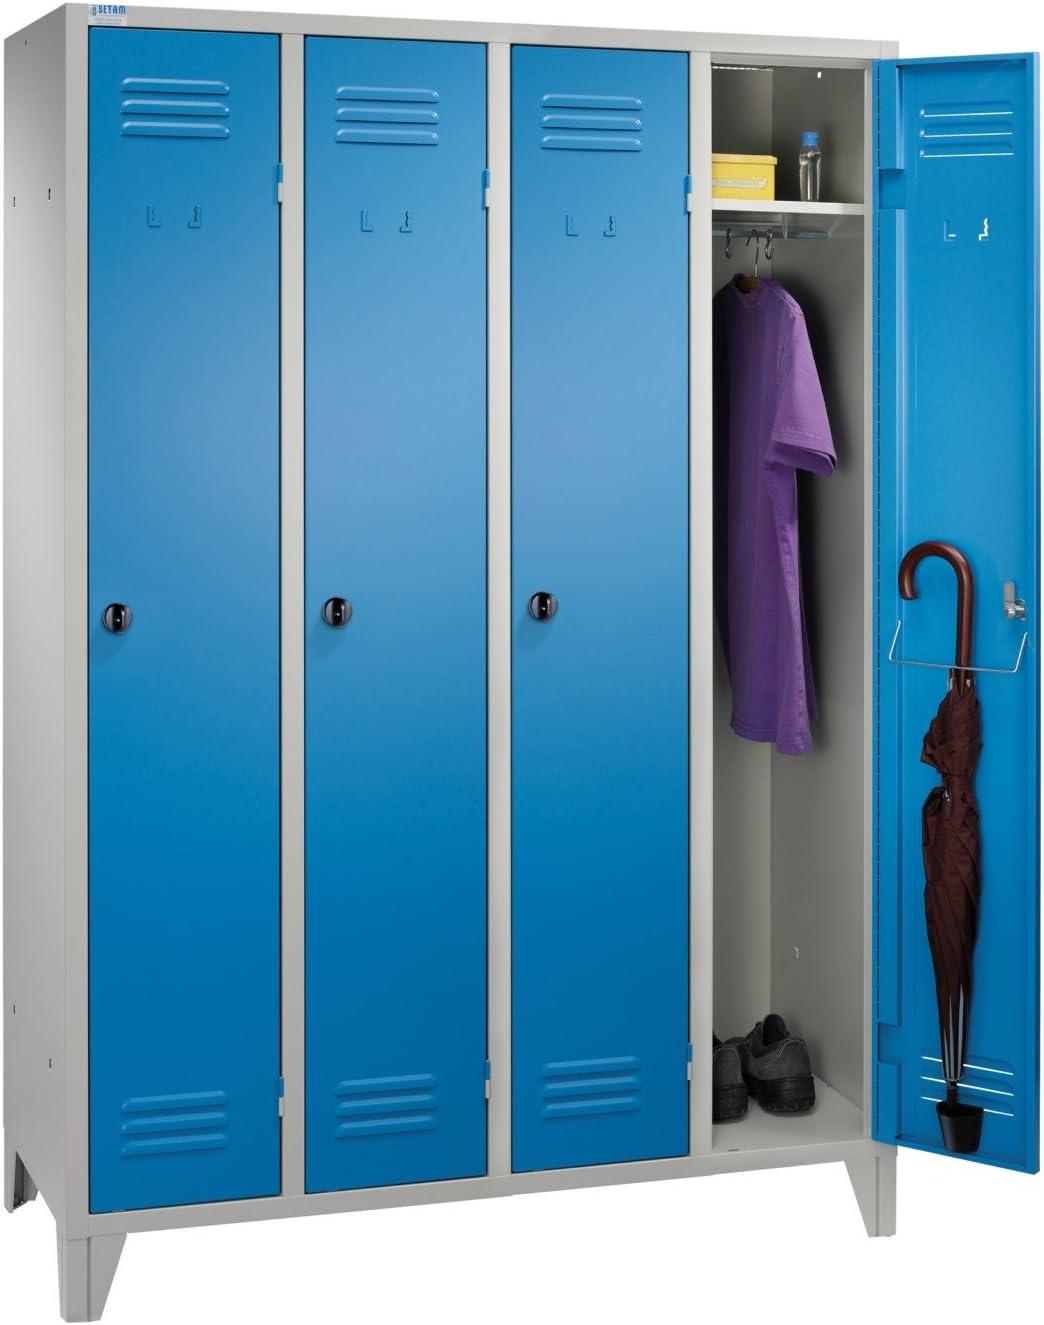 Vestiaire m/étallique 4 casiers IP coloris Bleu